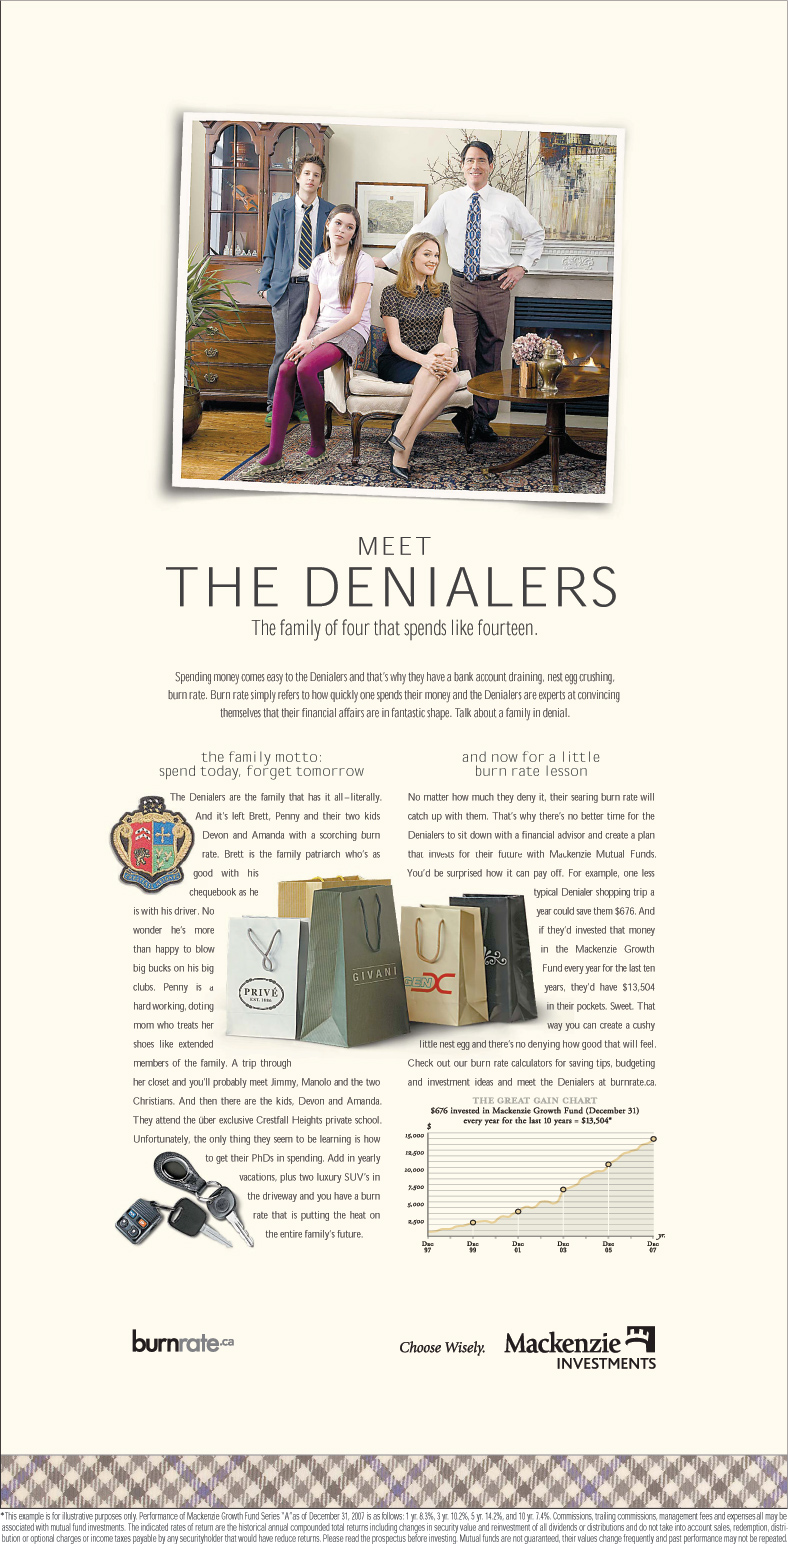 [Denialers_Family(1).jpg]